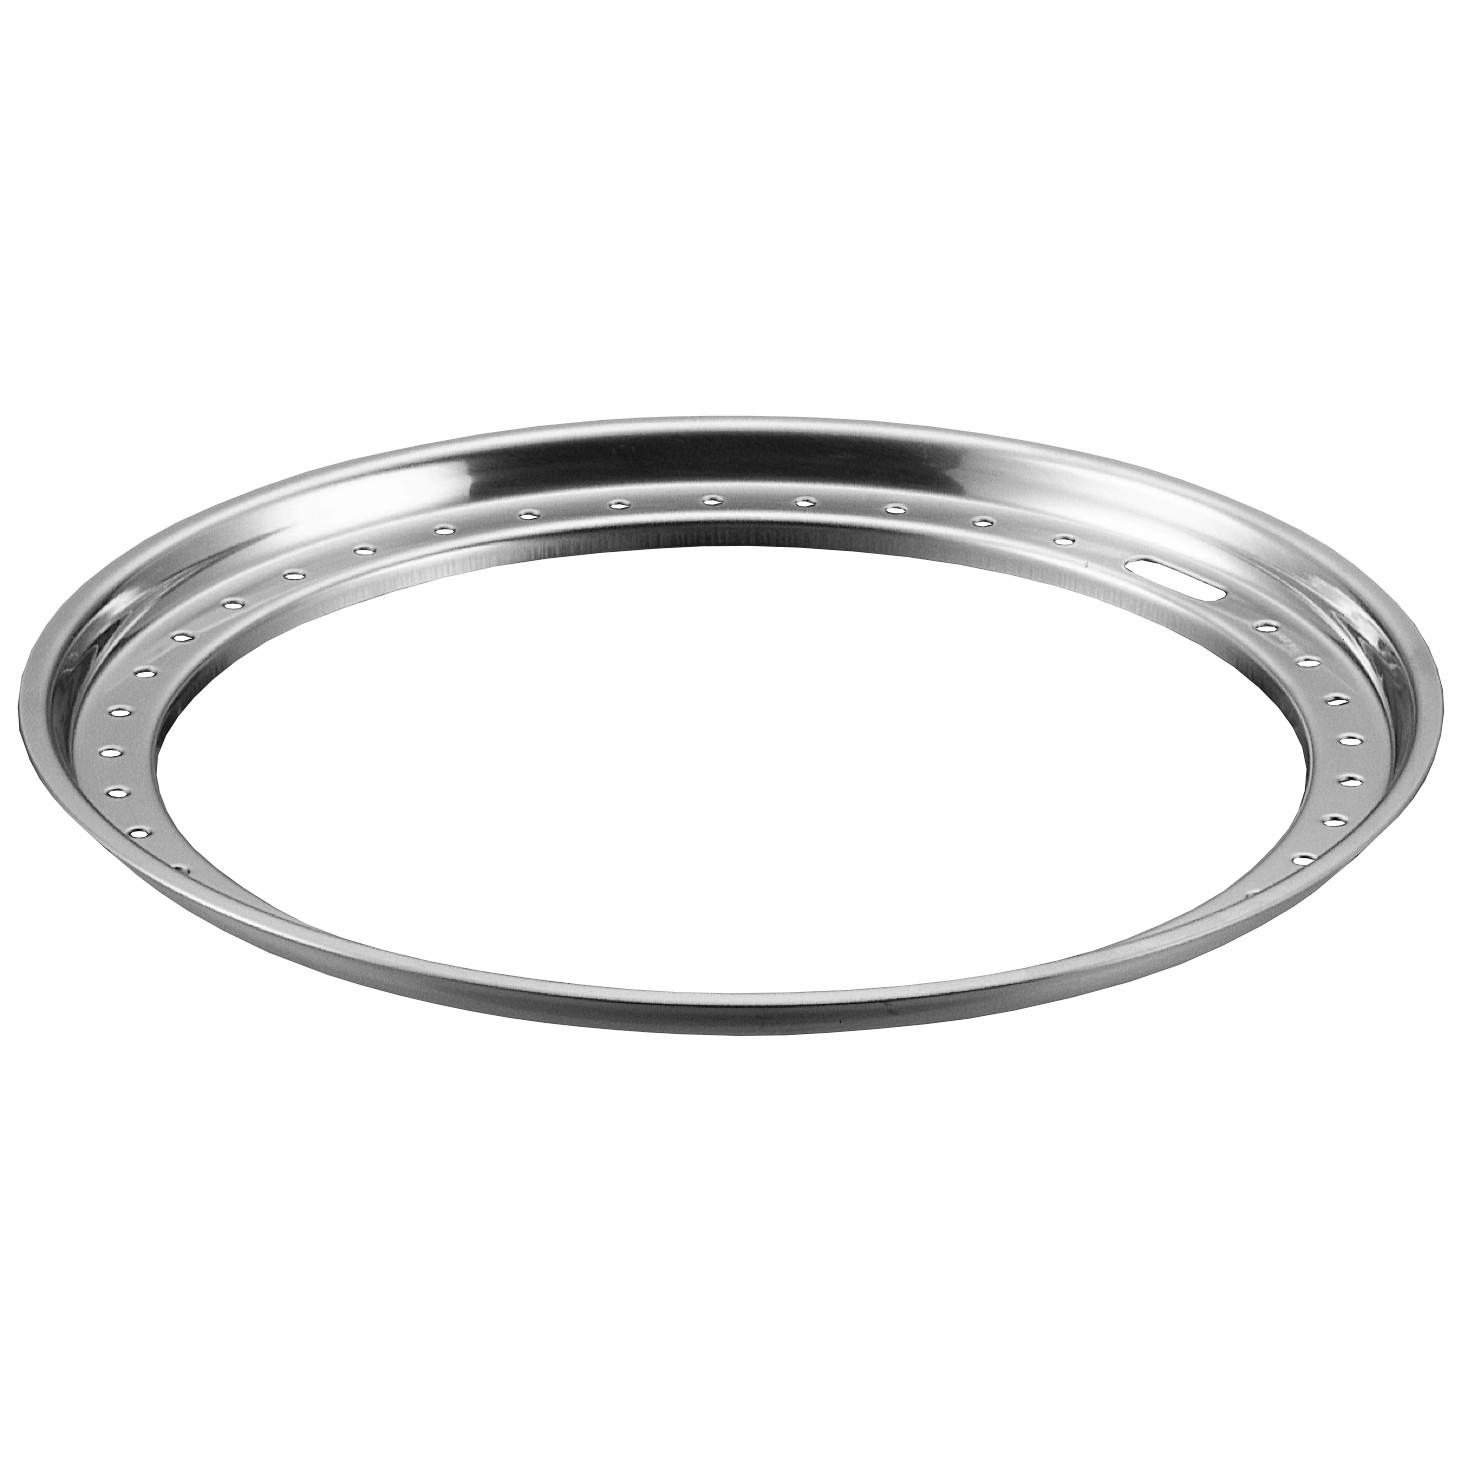 Anello riduttore per griglia ø 24×20